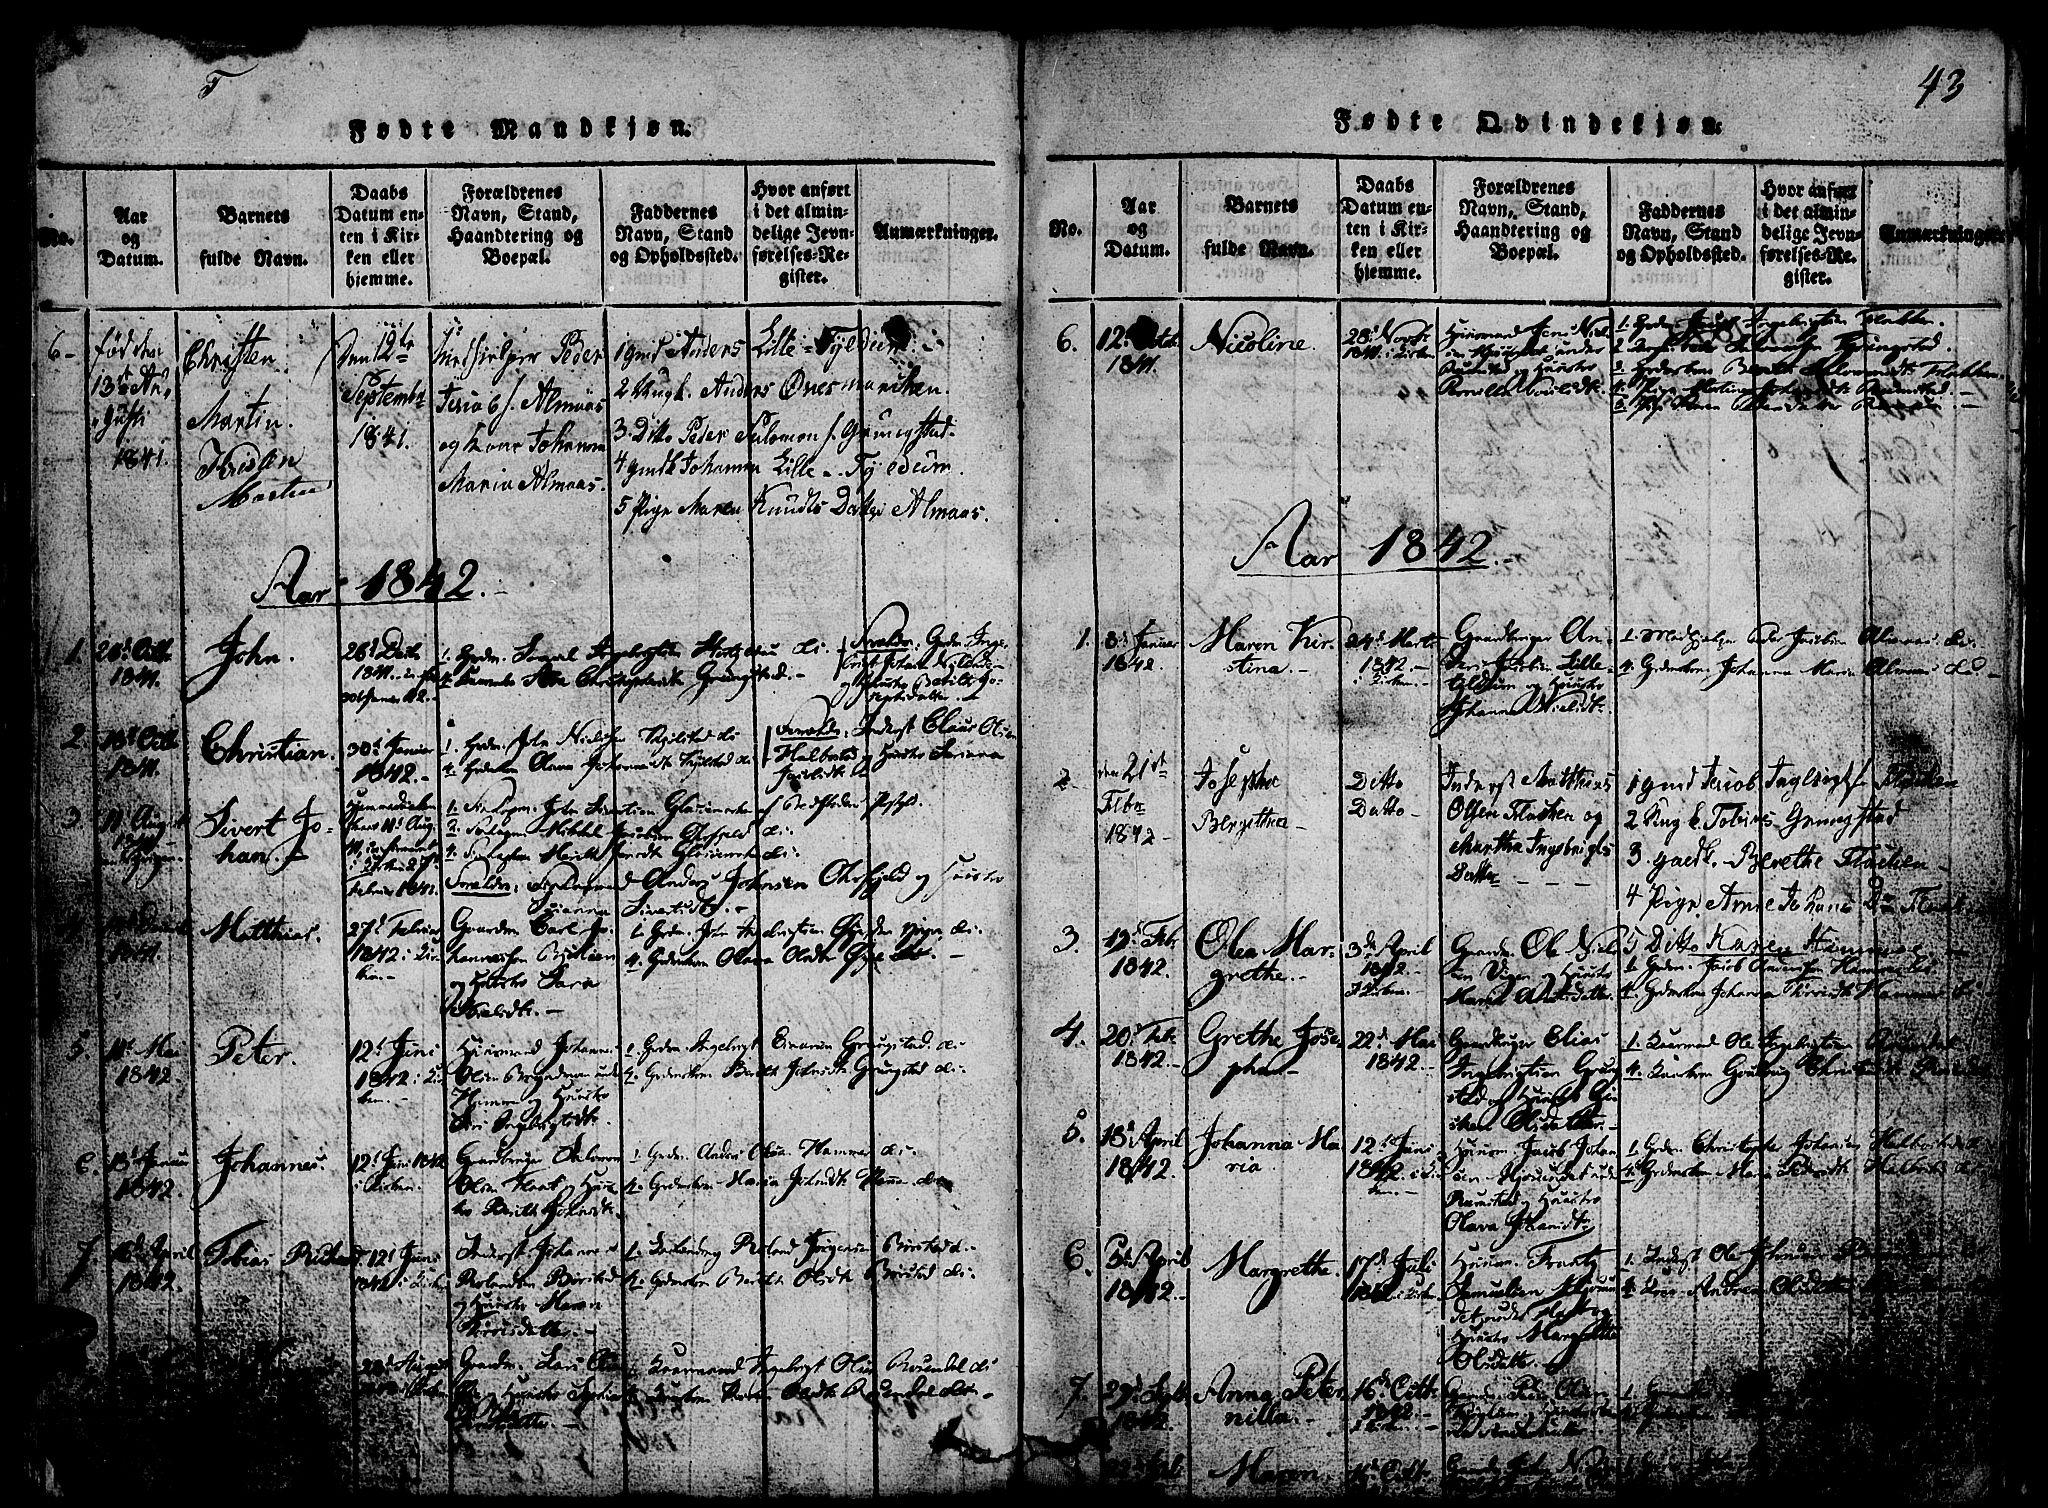 SAT, Ministerialprotokoller, klokkerbøker og fødselsregistre - Nord-Trøndelag, 765/L0562: Klokkerbok nr. 765C01, 1817-1851, s. 43